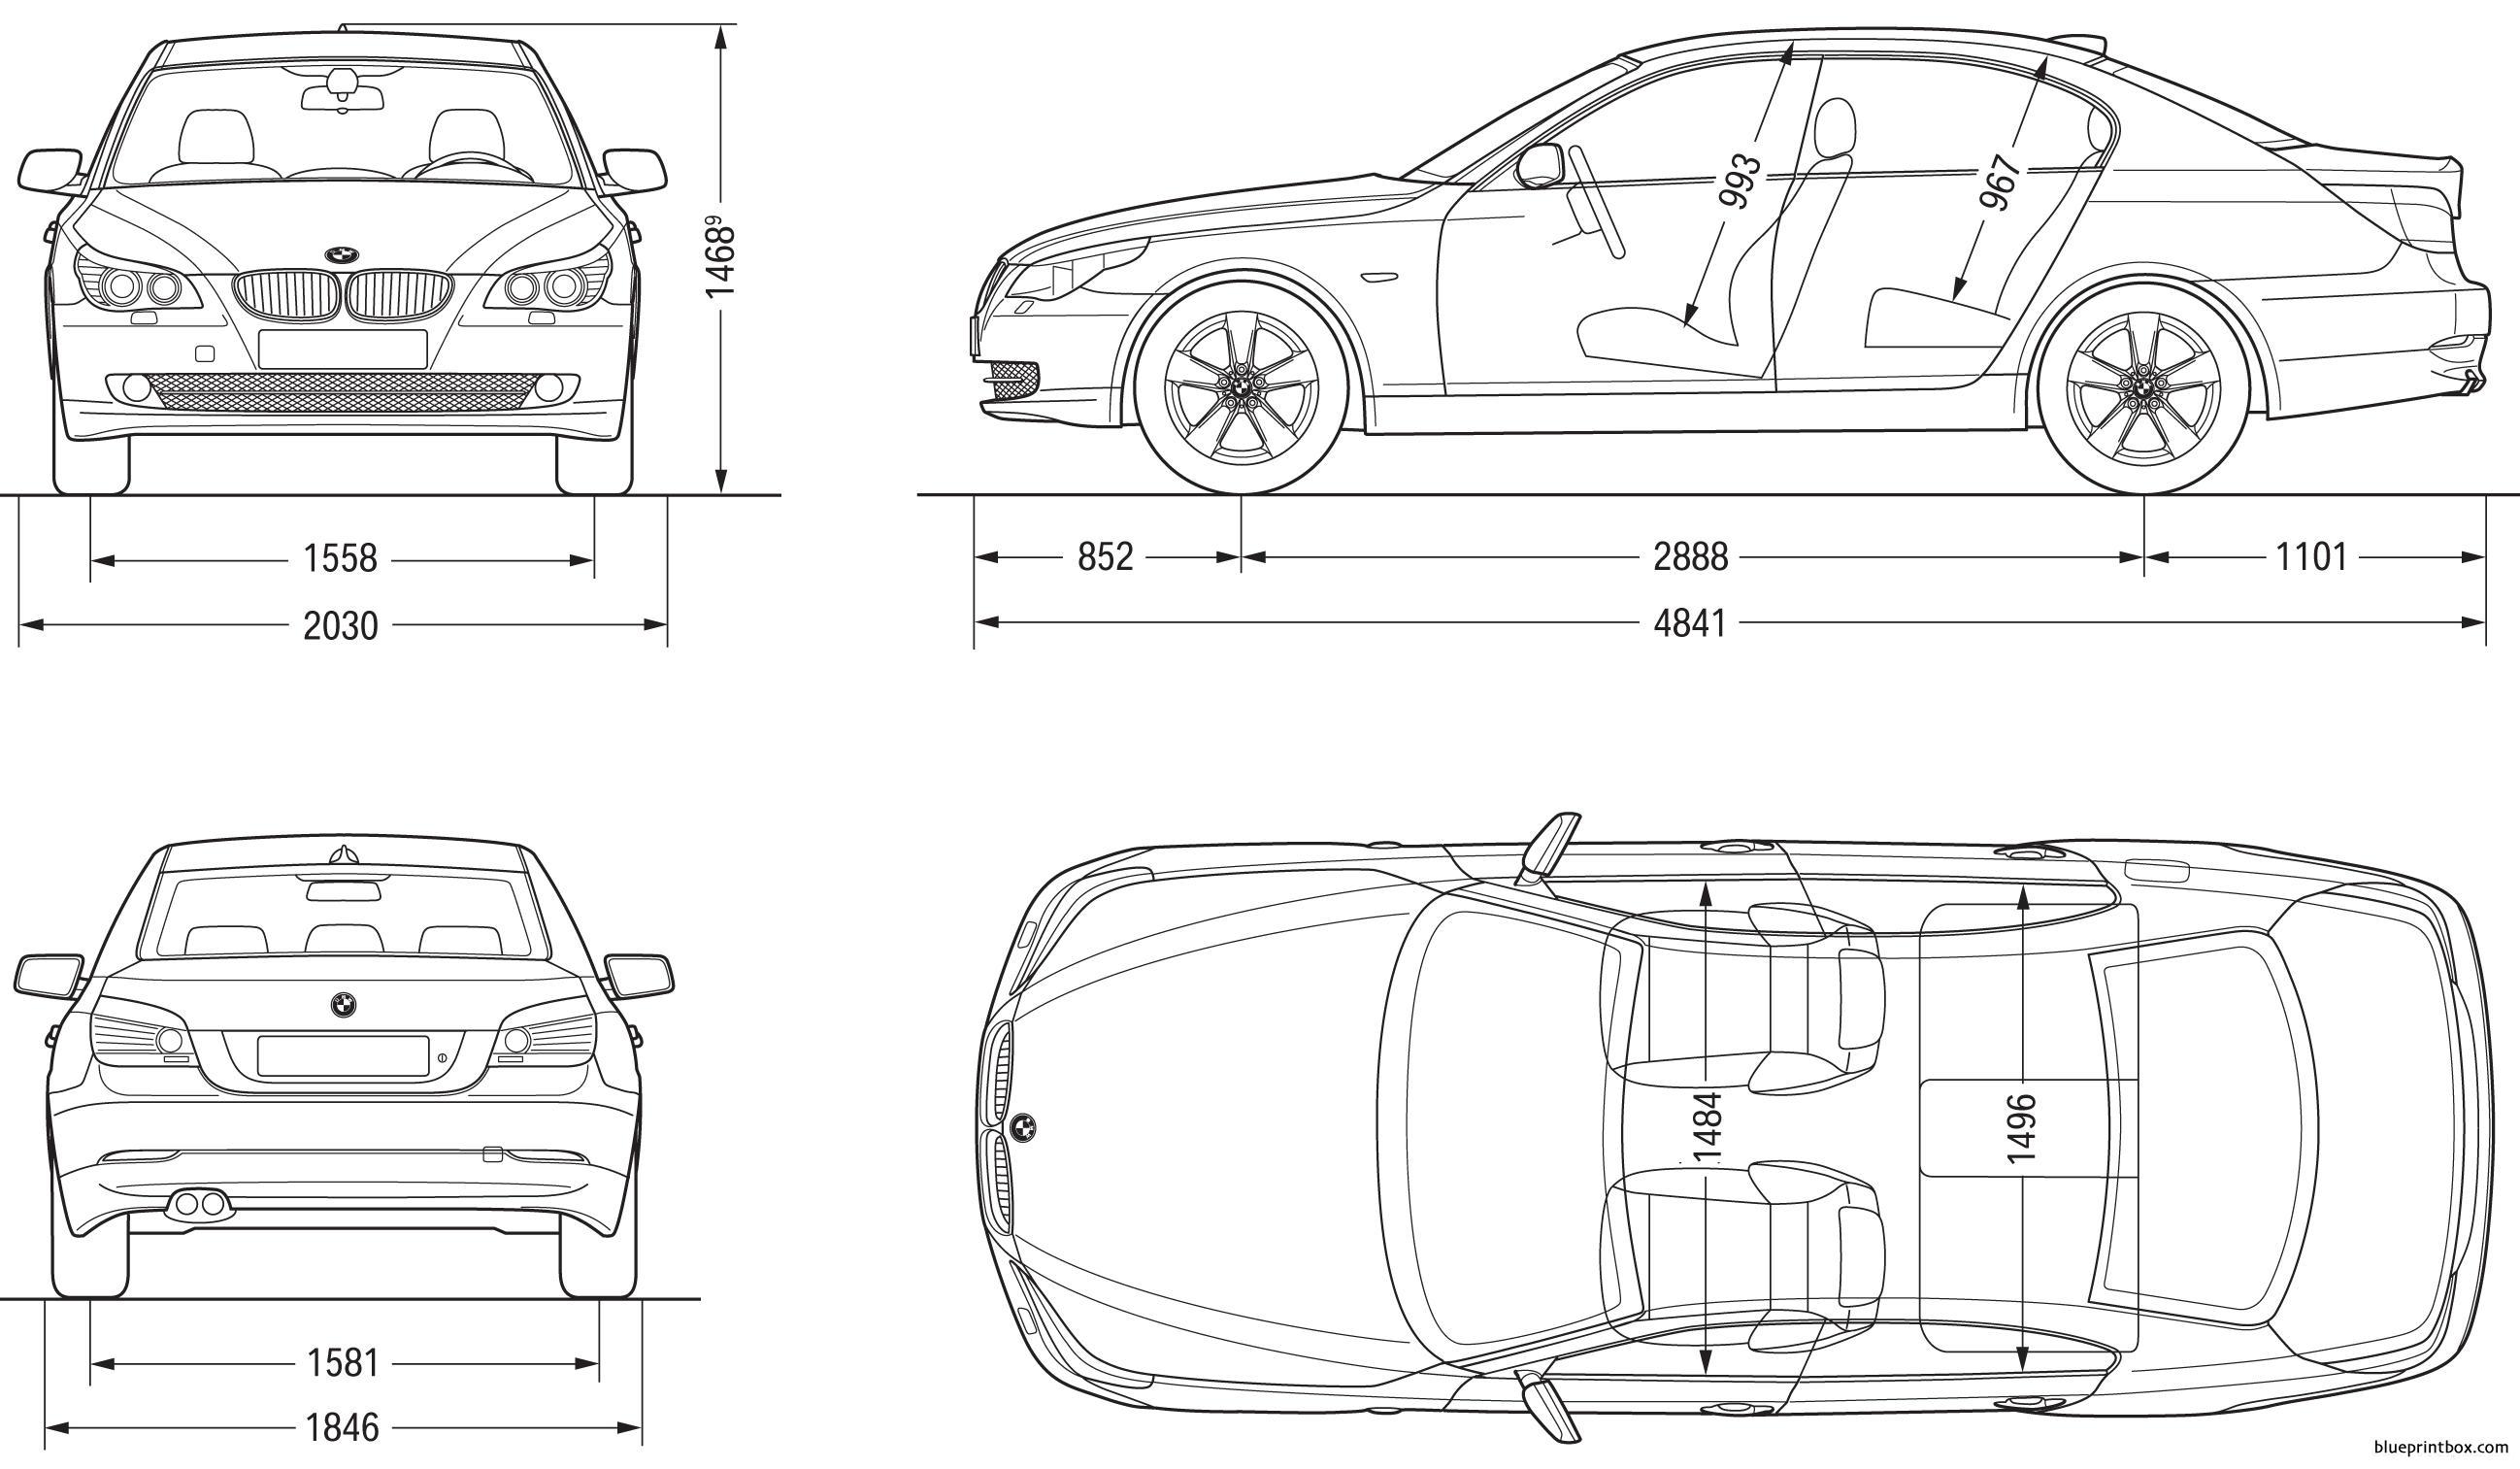 Bmw 5 Sedan 2007 E60 - Blueprintbox Com